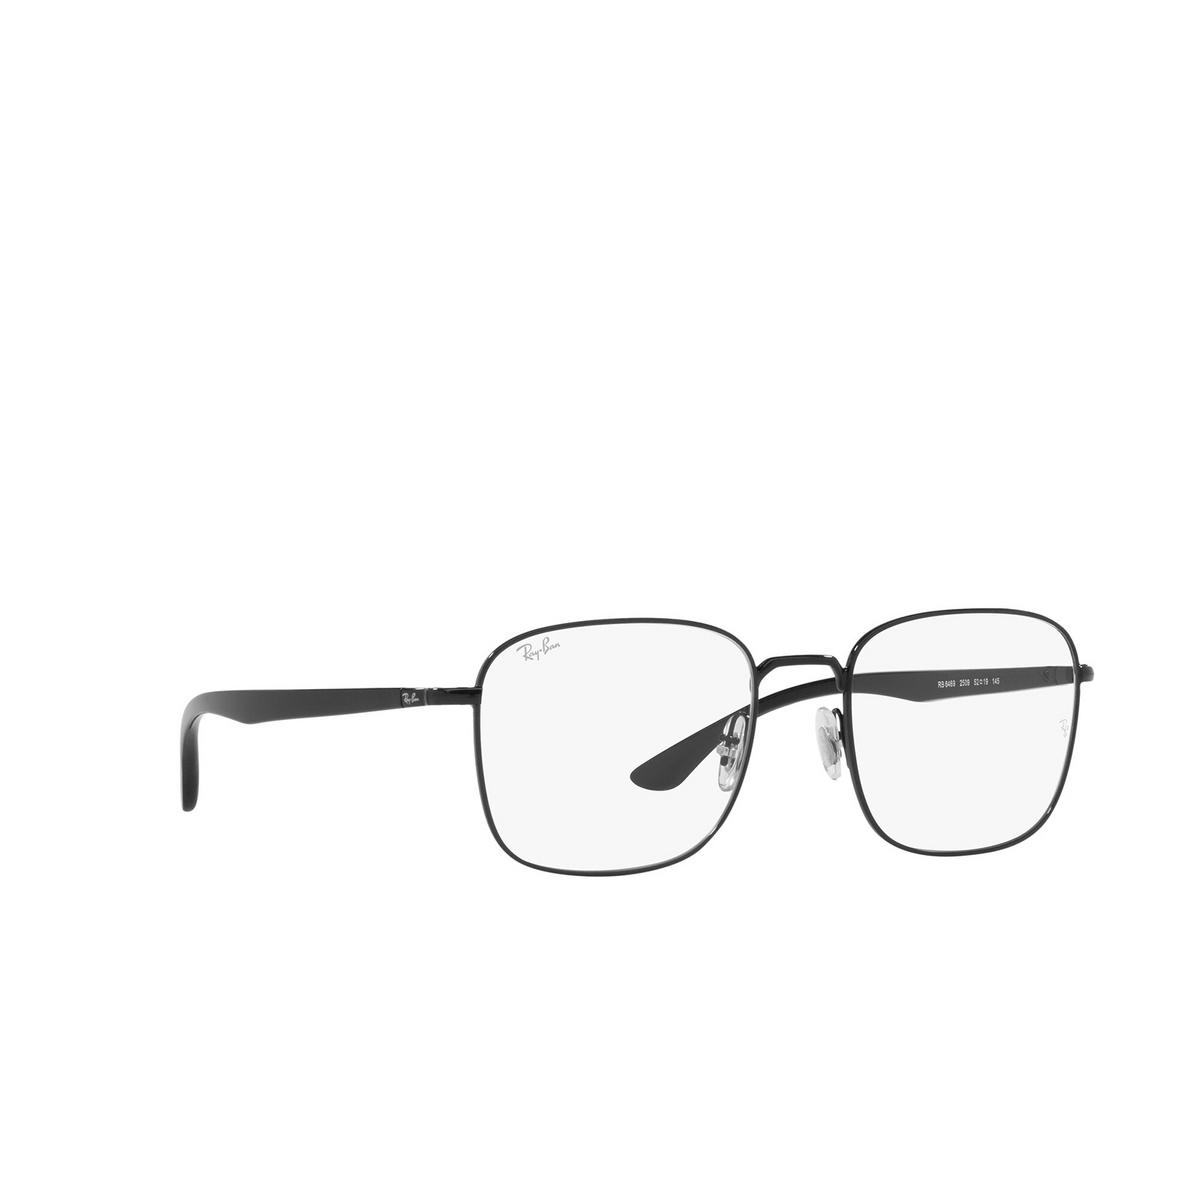 Ray-Ban® Square Eyeglasses: RX6469 color Black 2509 - three-quarters view.